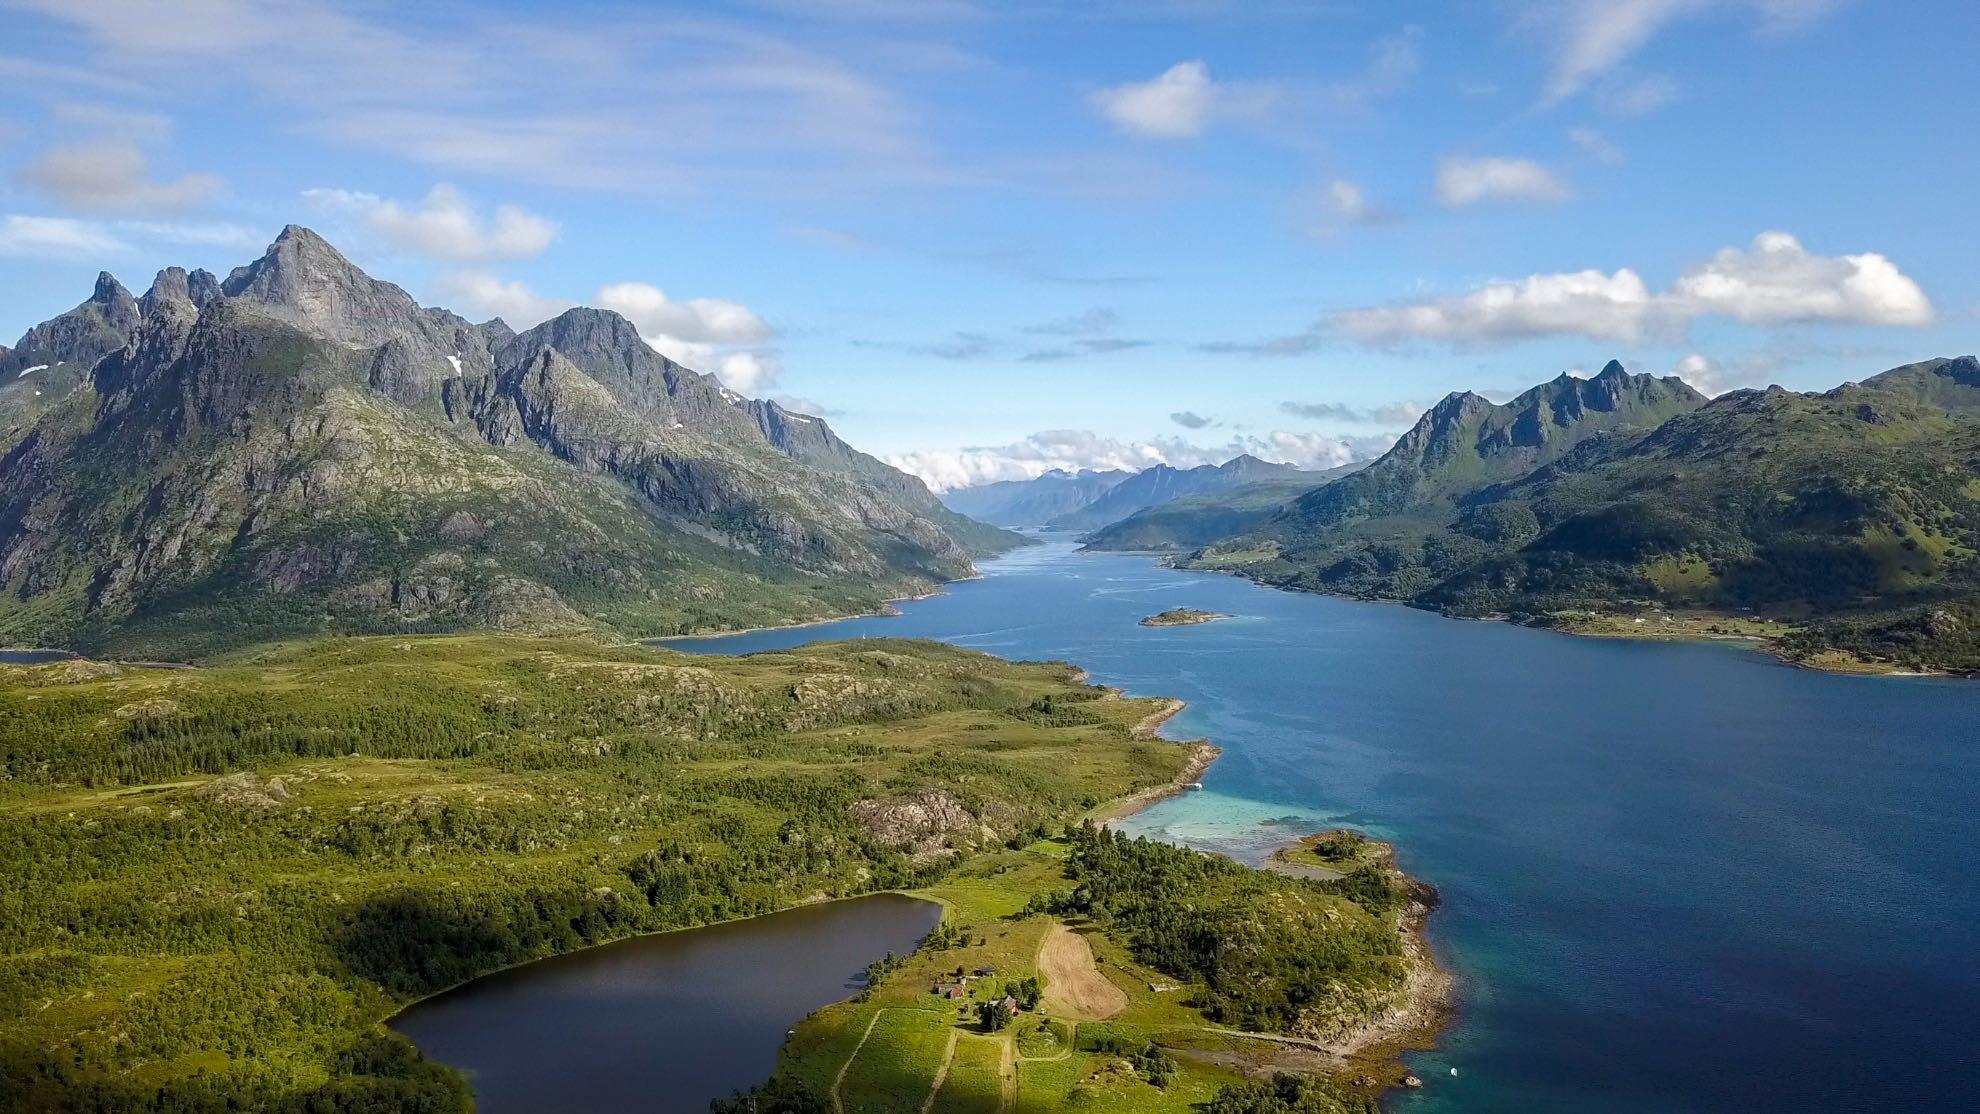 Die unberührte Natur der Lofoten ist einzigartig, der Trollfjord weltberühmt.